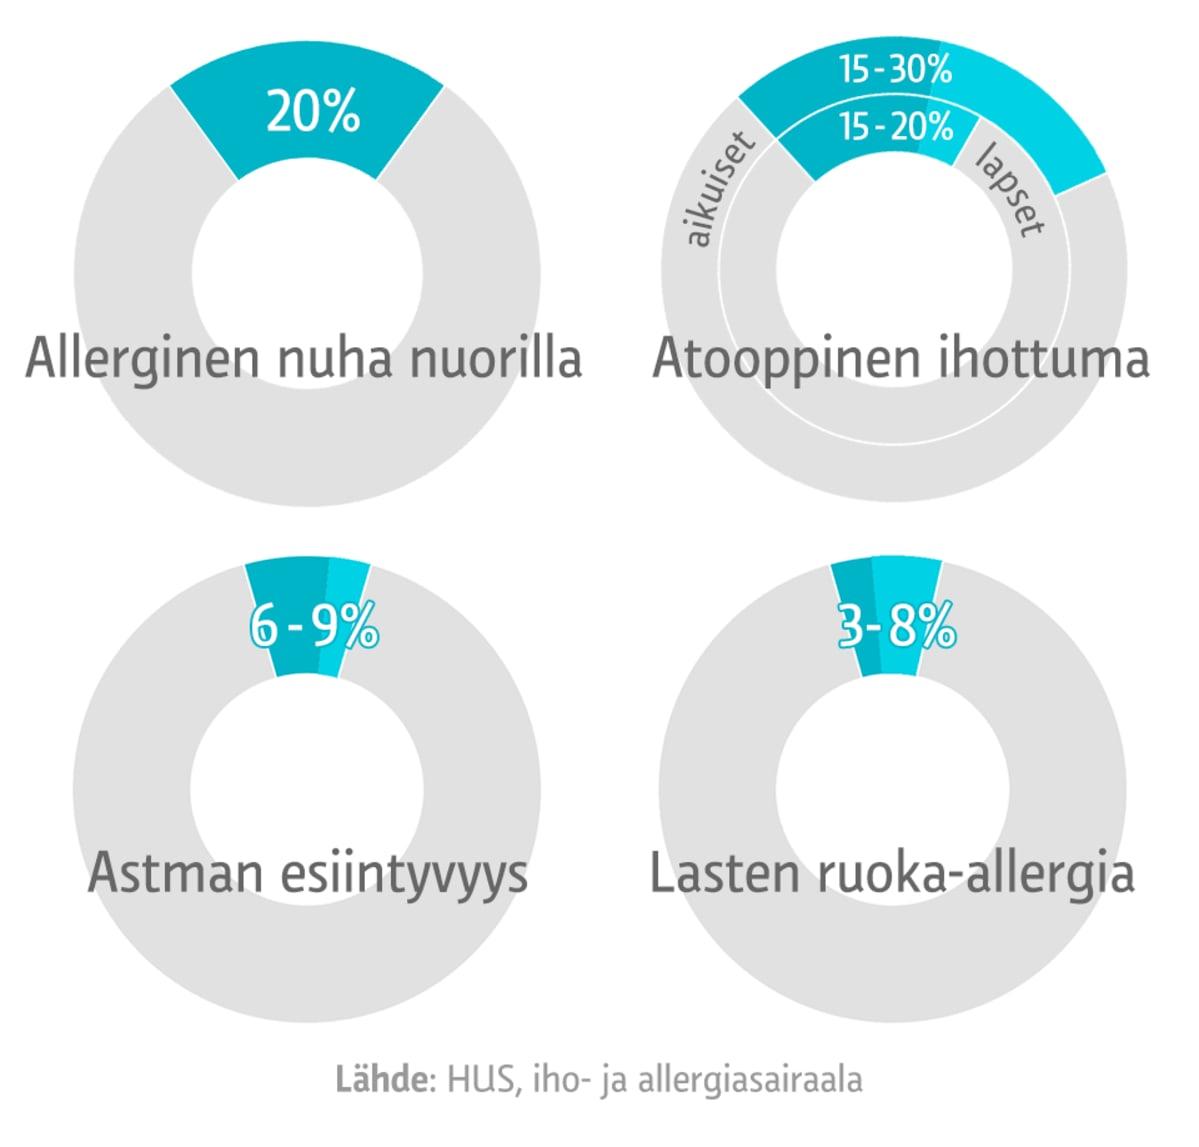 Näistä allergioista suomalaiset kärsivät -grafiikka.